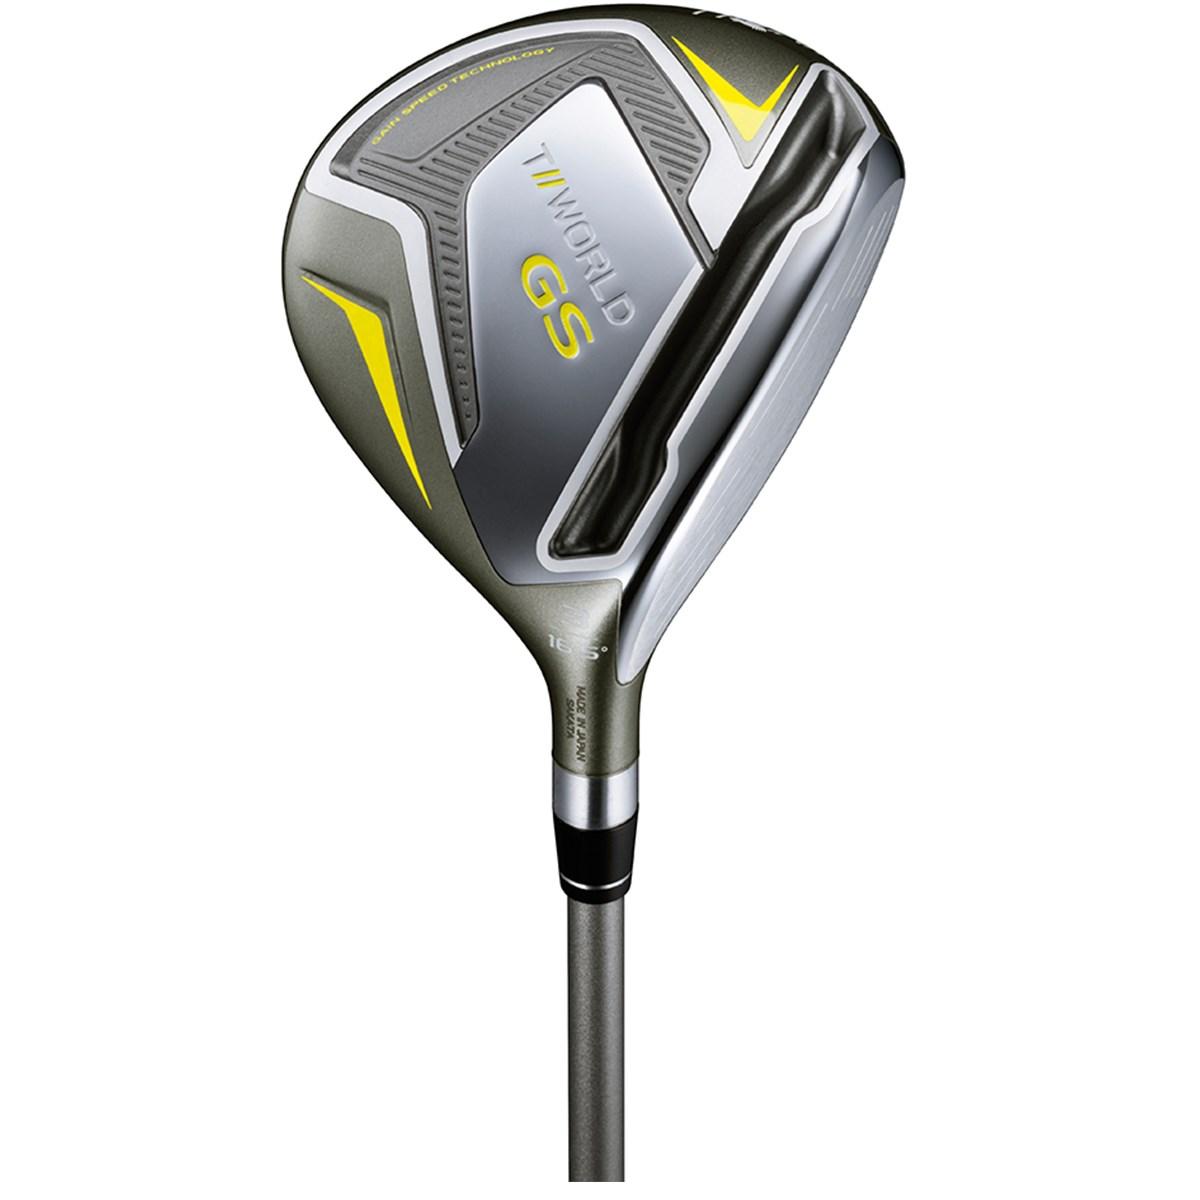 本間ゴルフ(HONMA GOLF) ツアーワールド GSフェアウェイウッド SPEED TUNED 42【2021年2月上旬発売予定】レディス